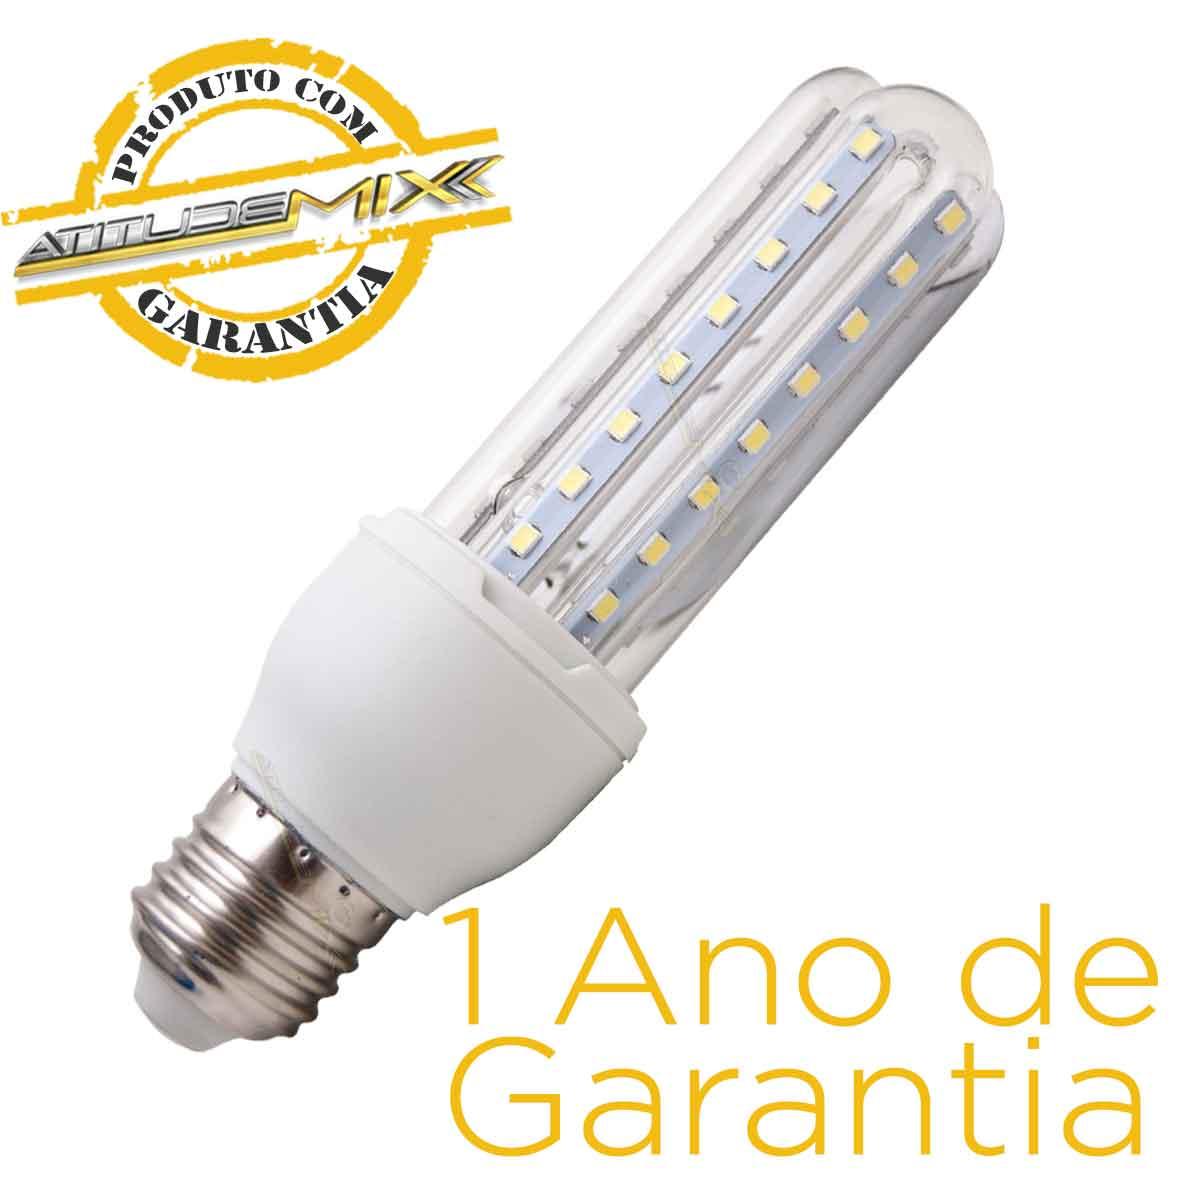 Lâmpada Led 9w Compacta Bi-volt E27 90% Mais Econômico